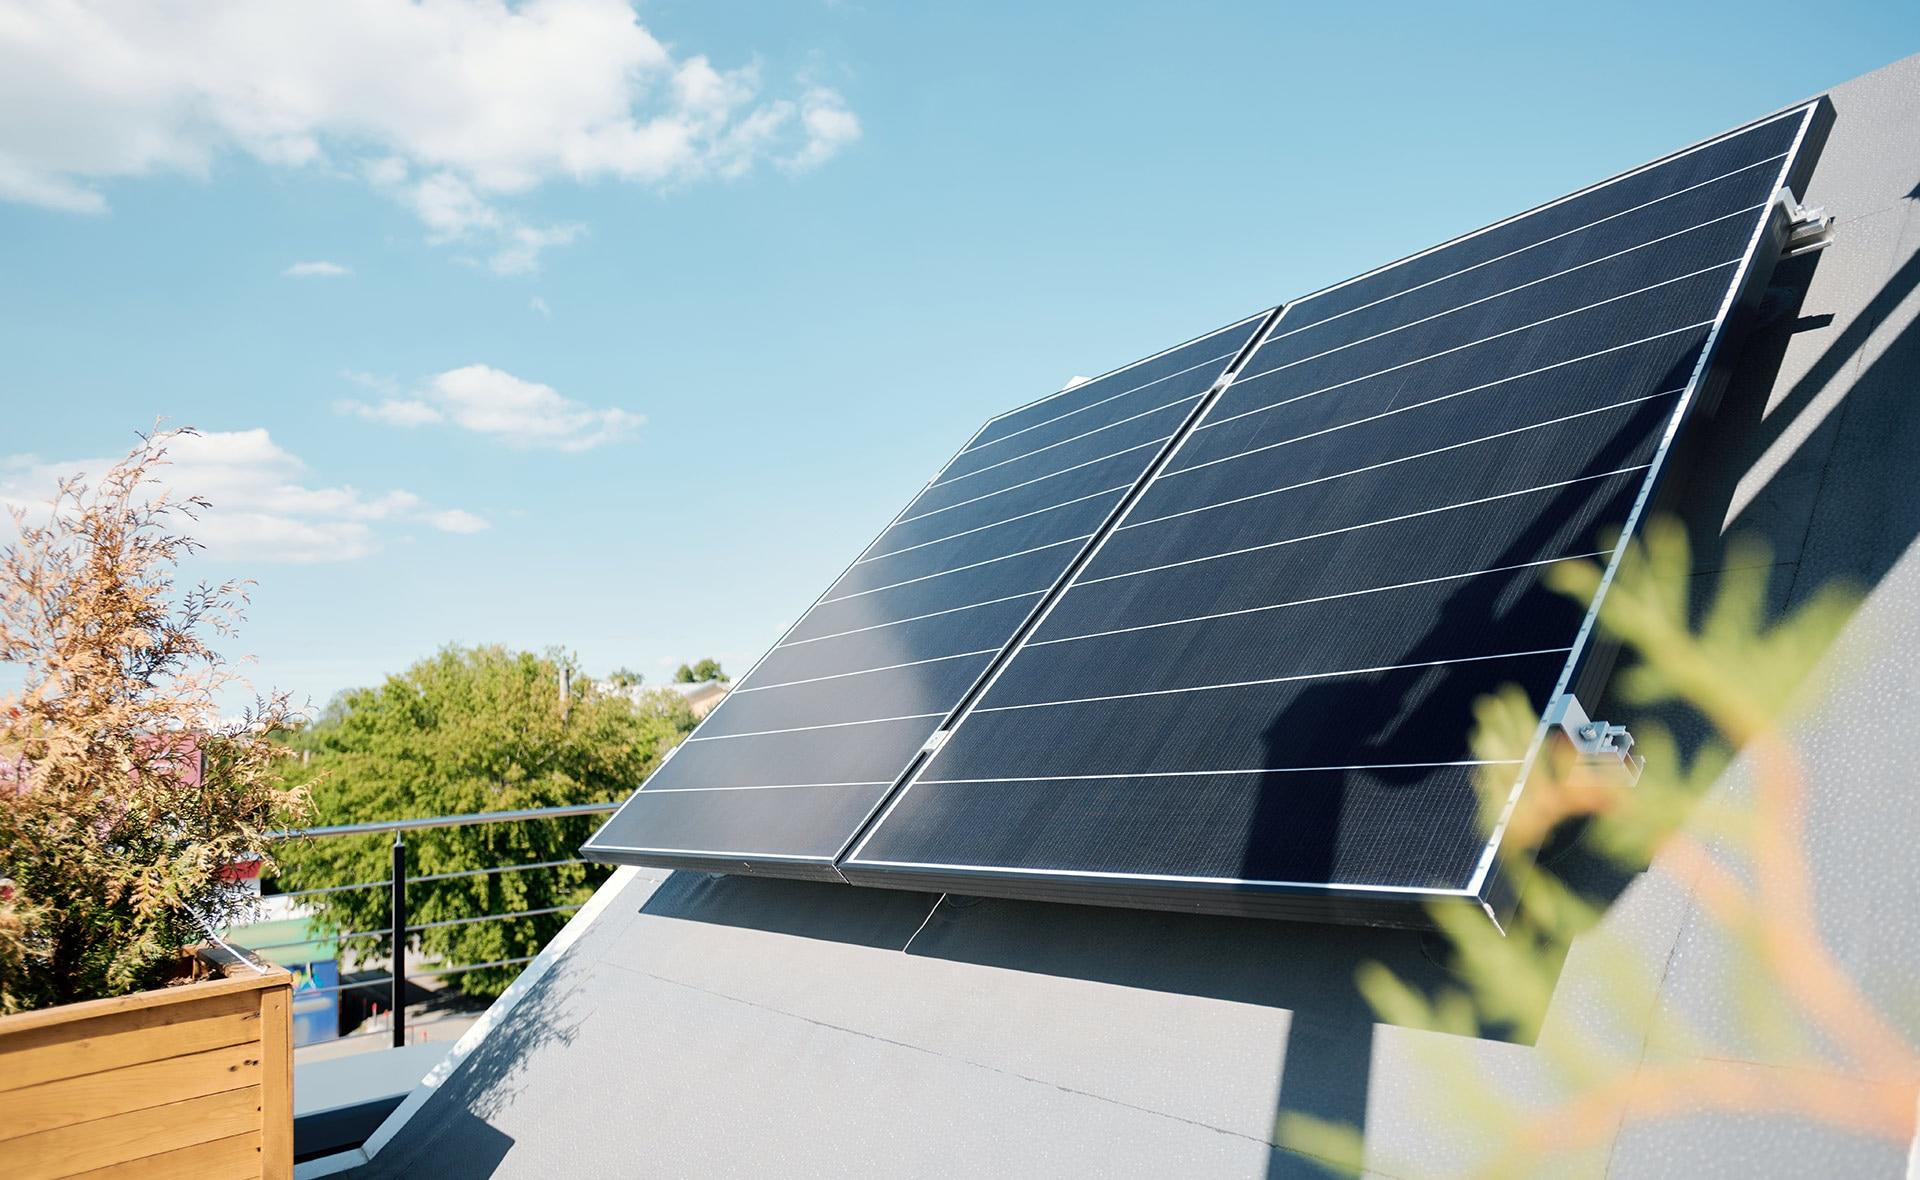 viviendas_eficientes_apertura-sostenibilidad-sector-inmobiliario-medidas-cuidado-medioambiente-hogares-casas